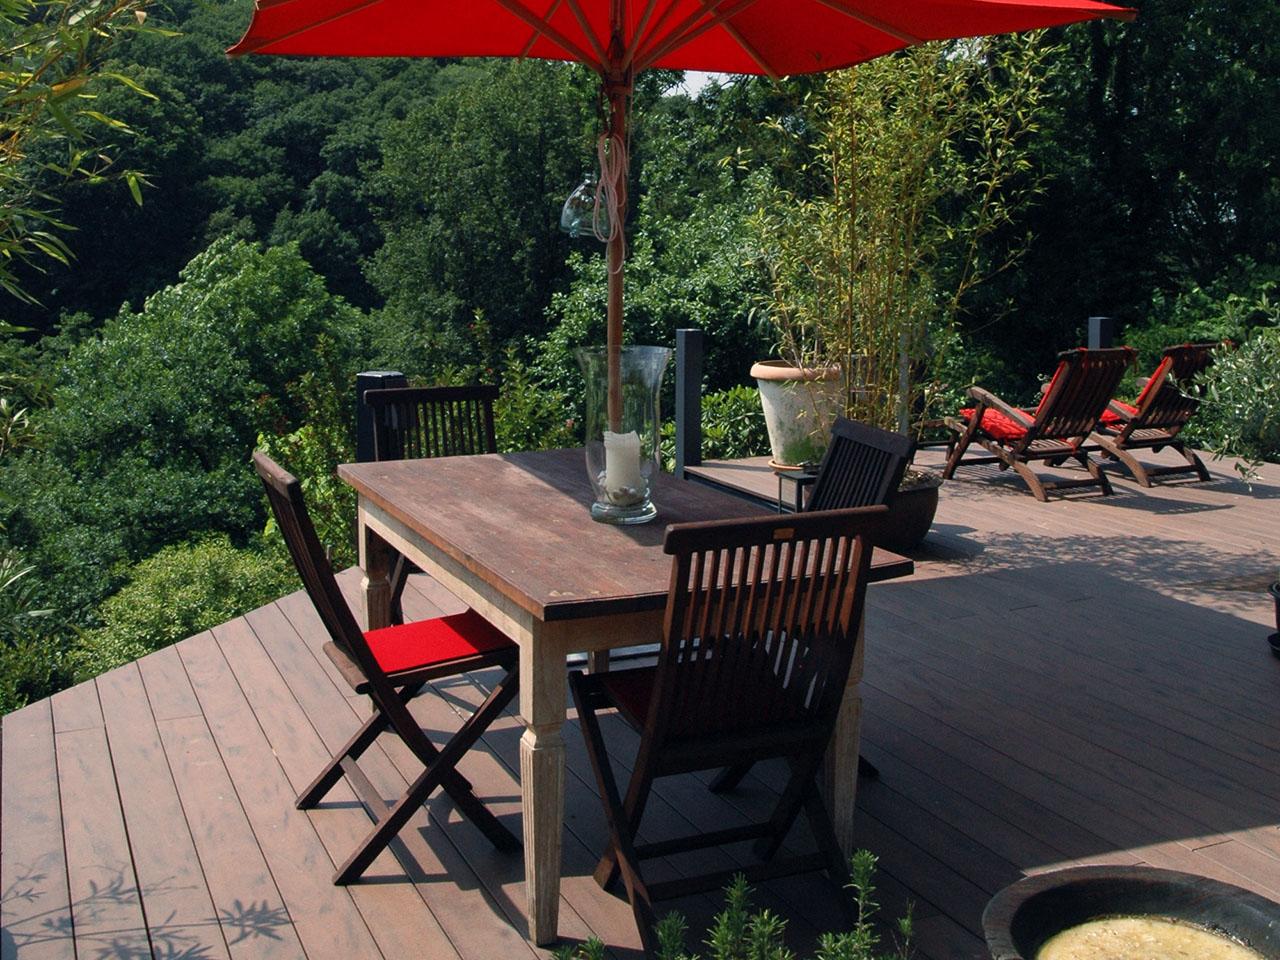 Balkondielen in dunkelbraun auf Terrasse mir mehreren Sitzgelegenheiten im Luxus Landhaus Stil